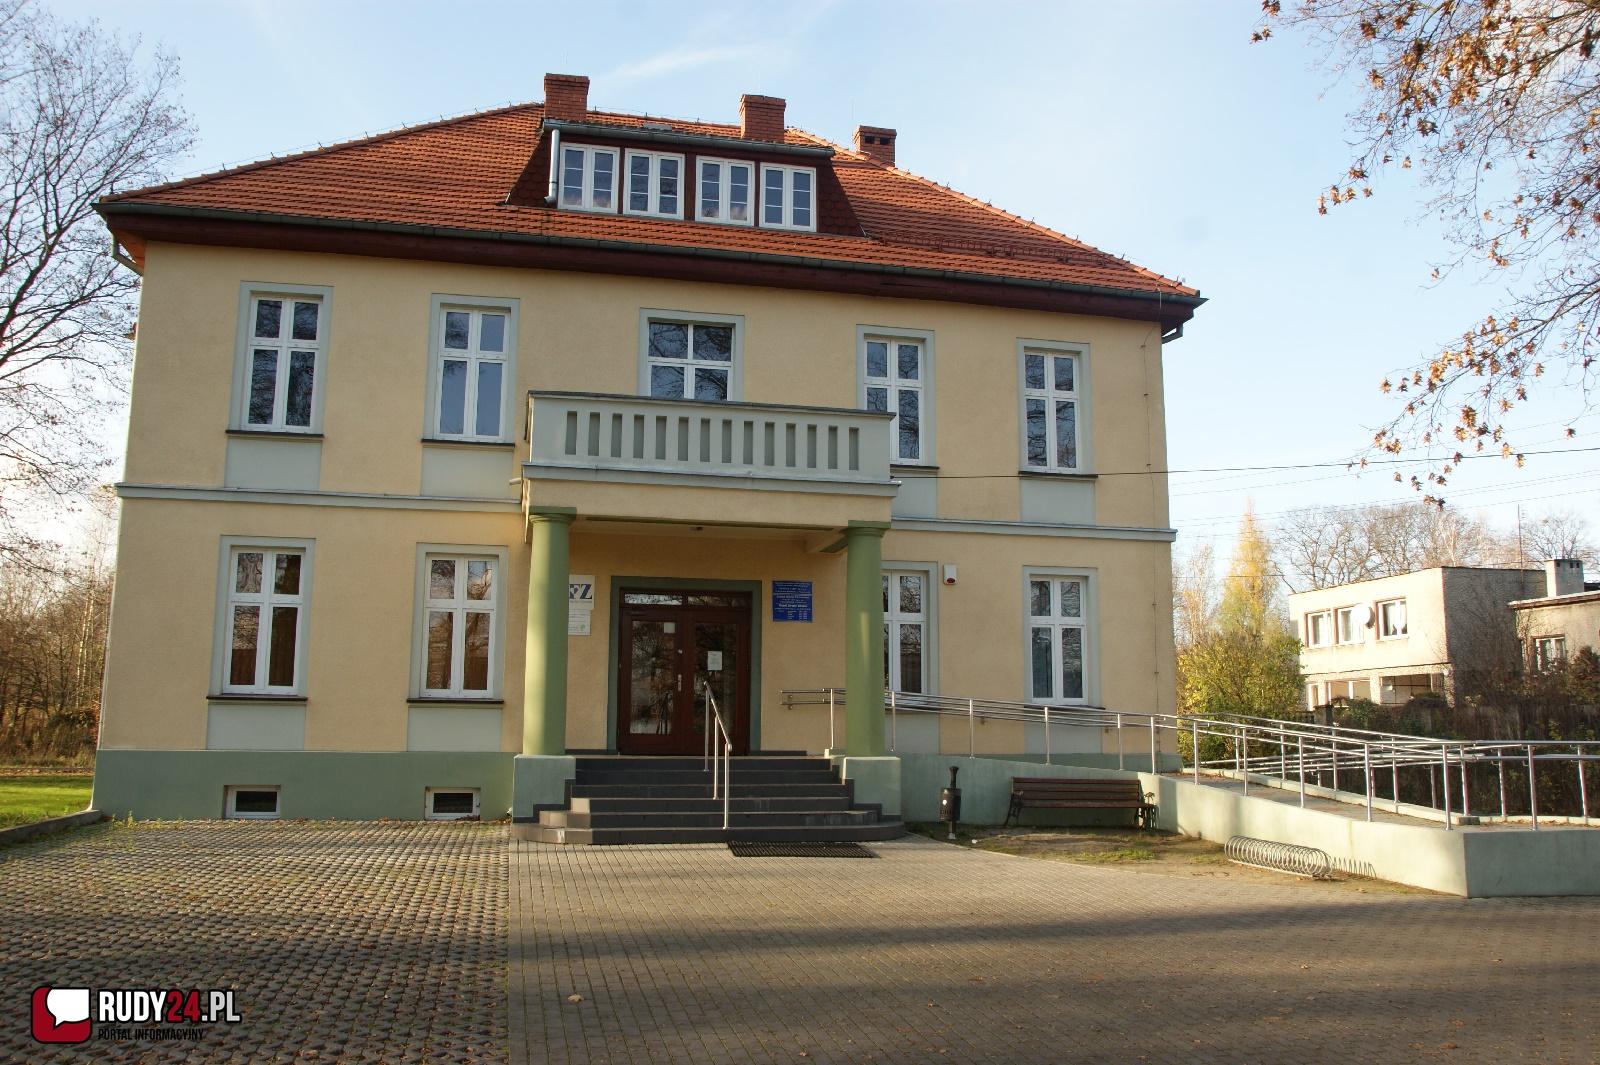 Ośrodek Zdrowia w Rudach zamknięty do 19 października – decyzja raciborskiego SANEPIDU